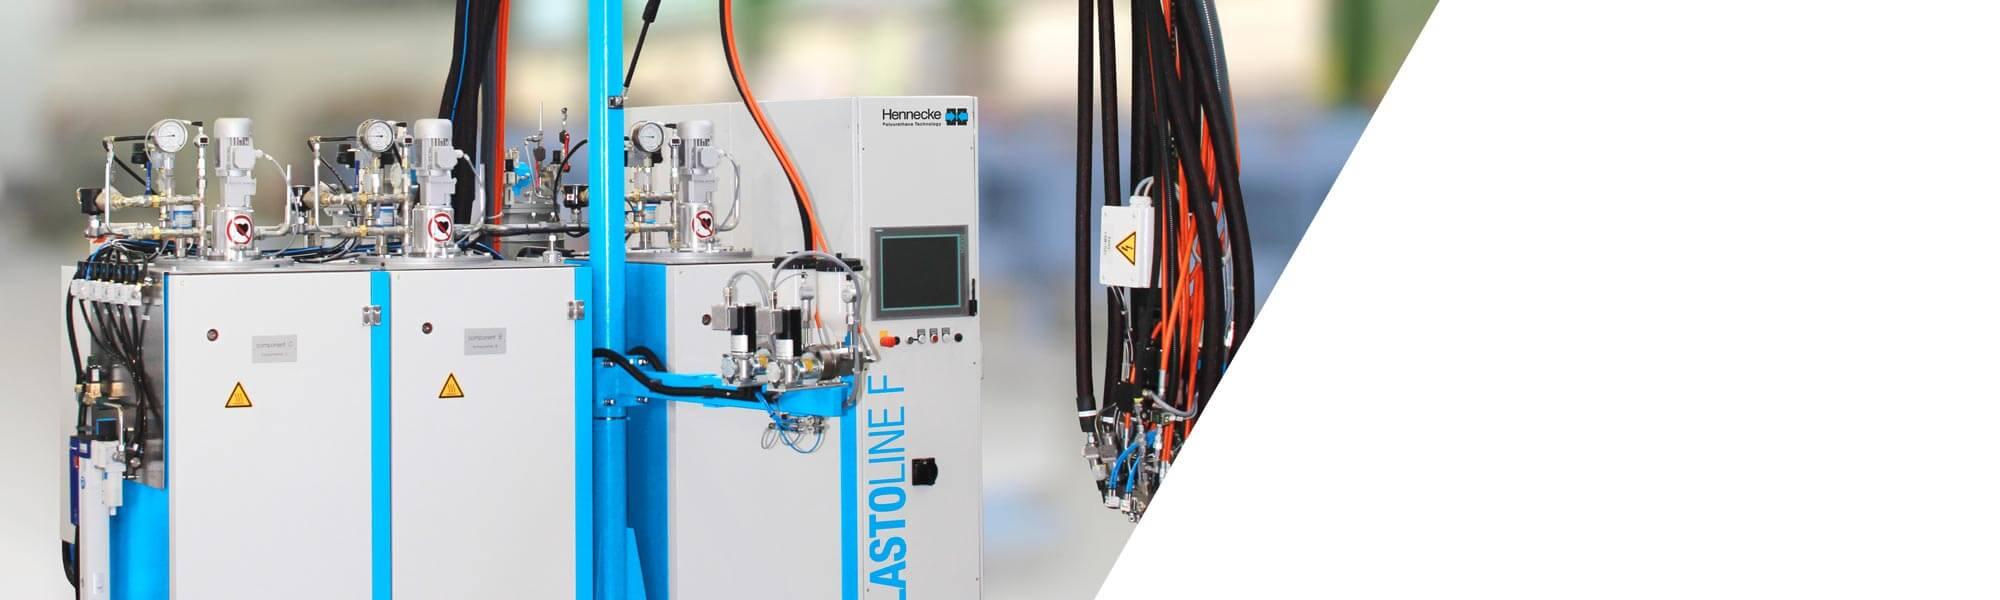 캐스트 엘라스토머  프로세싱을 위한 저압 메터링 머신